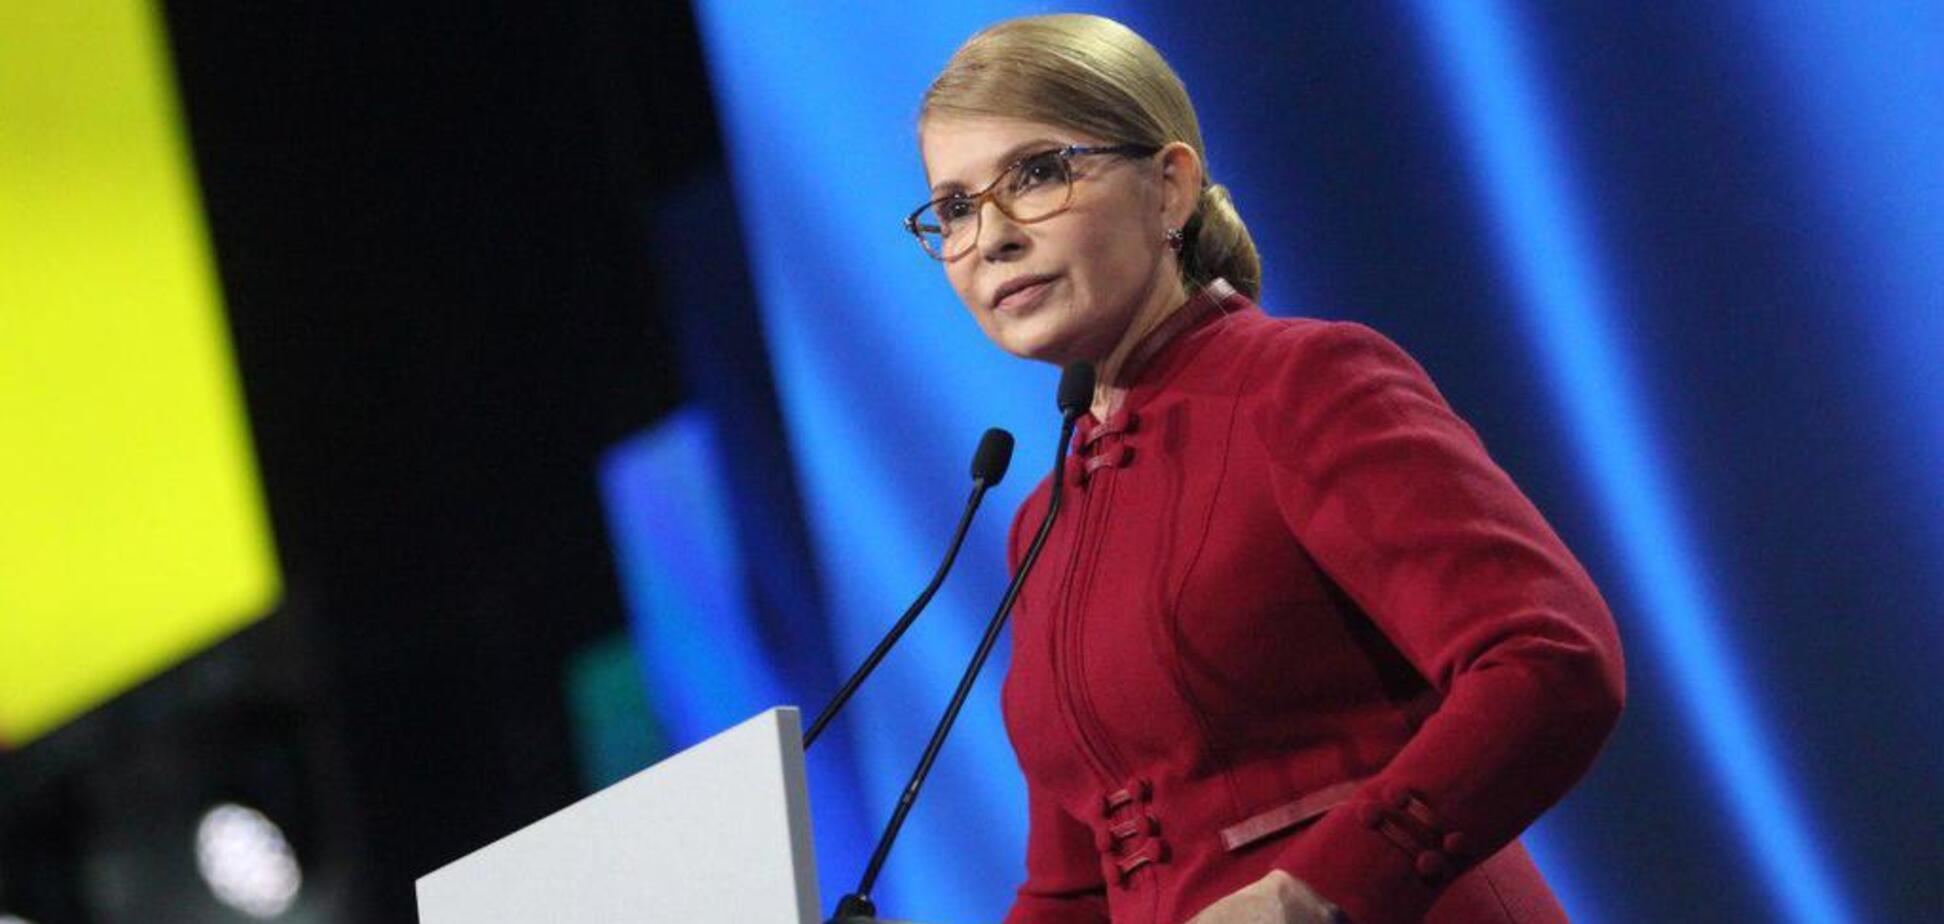 Немыря: мировое сообщество возлагает надежды на Тимошенко